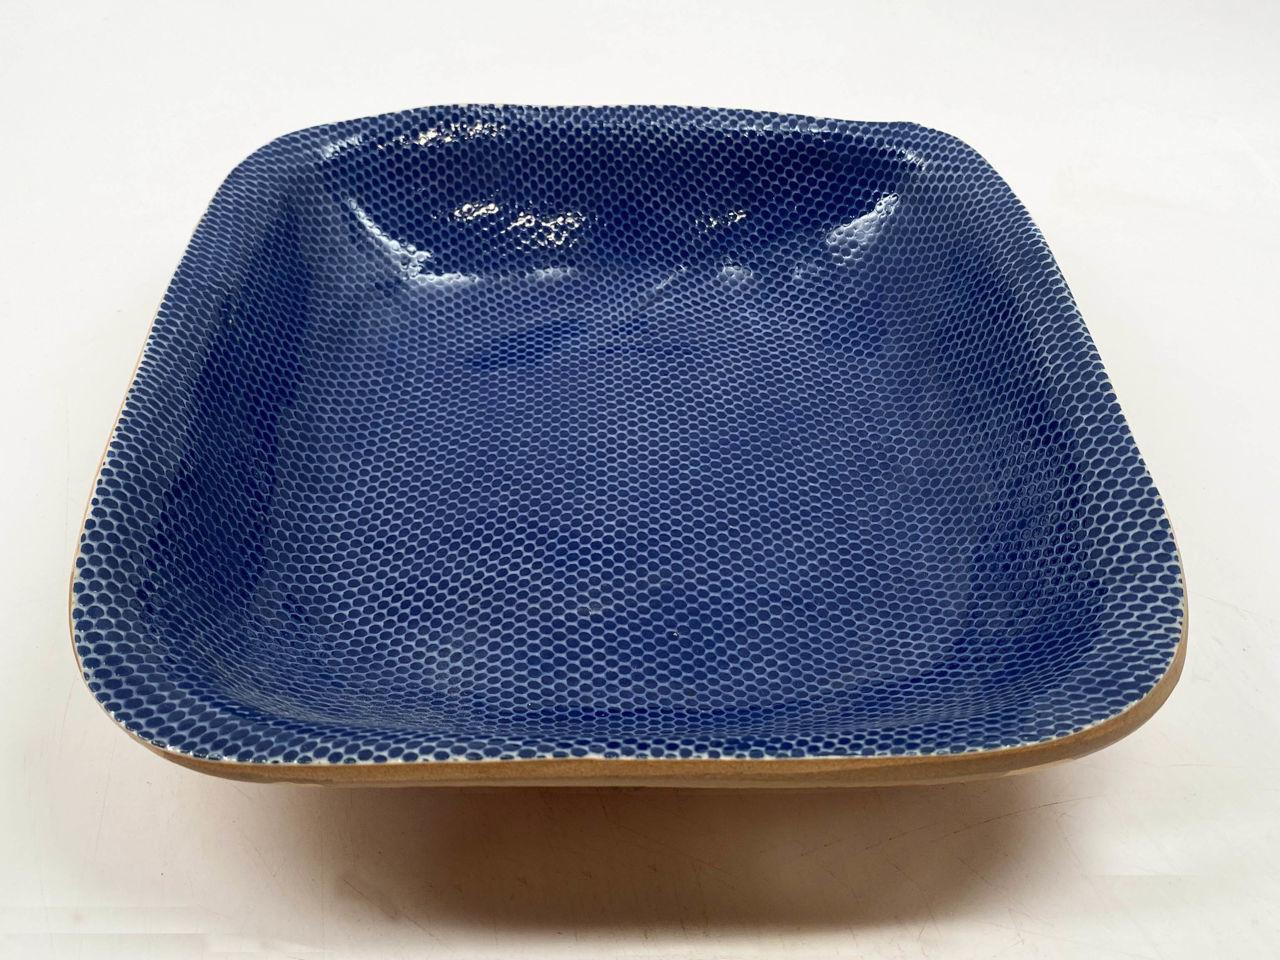 Picture of Terrafirma Ceramics | Squared Bowl